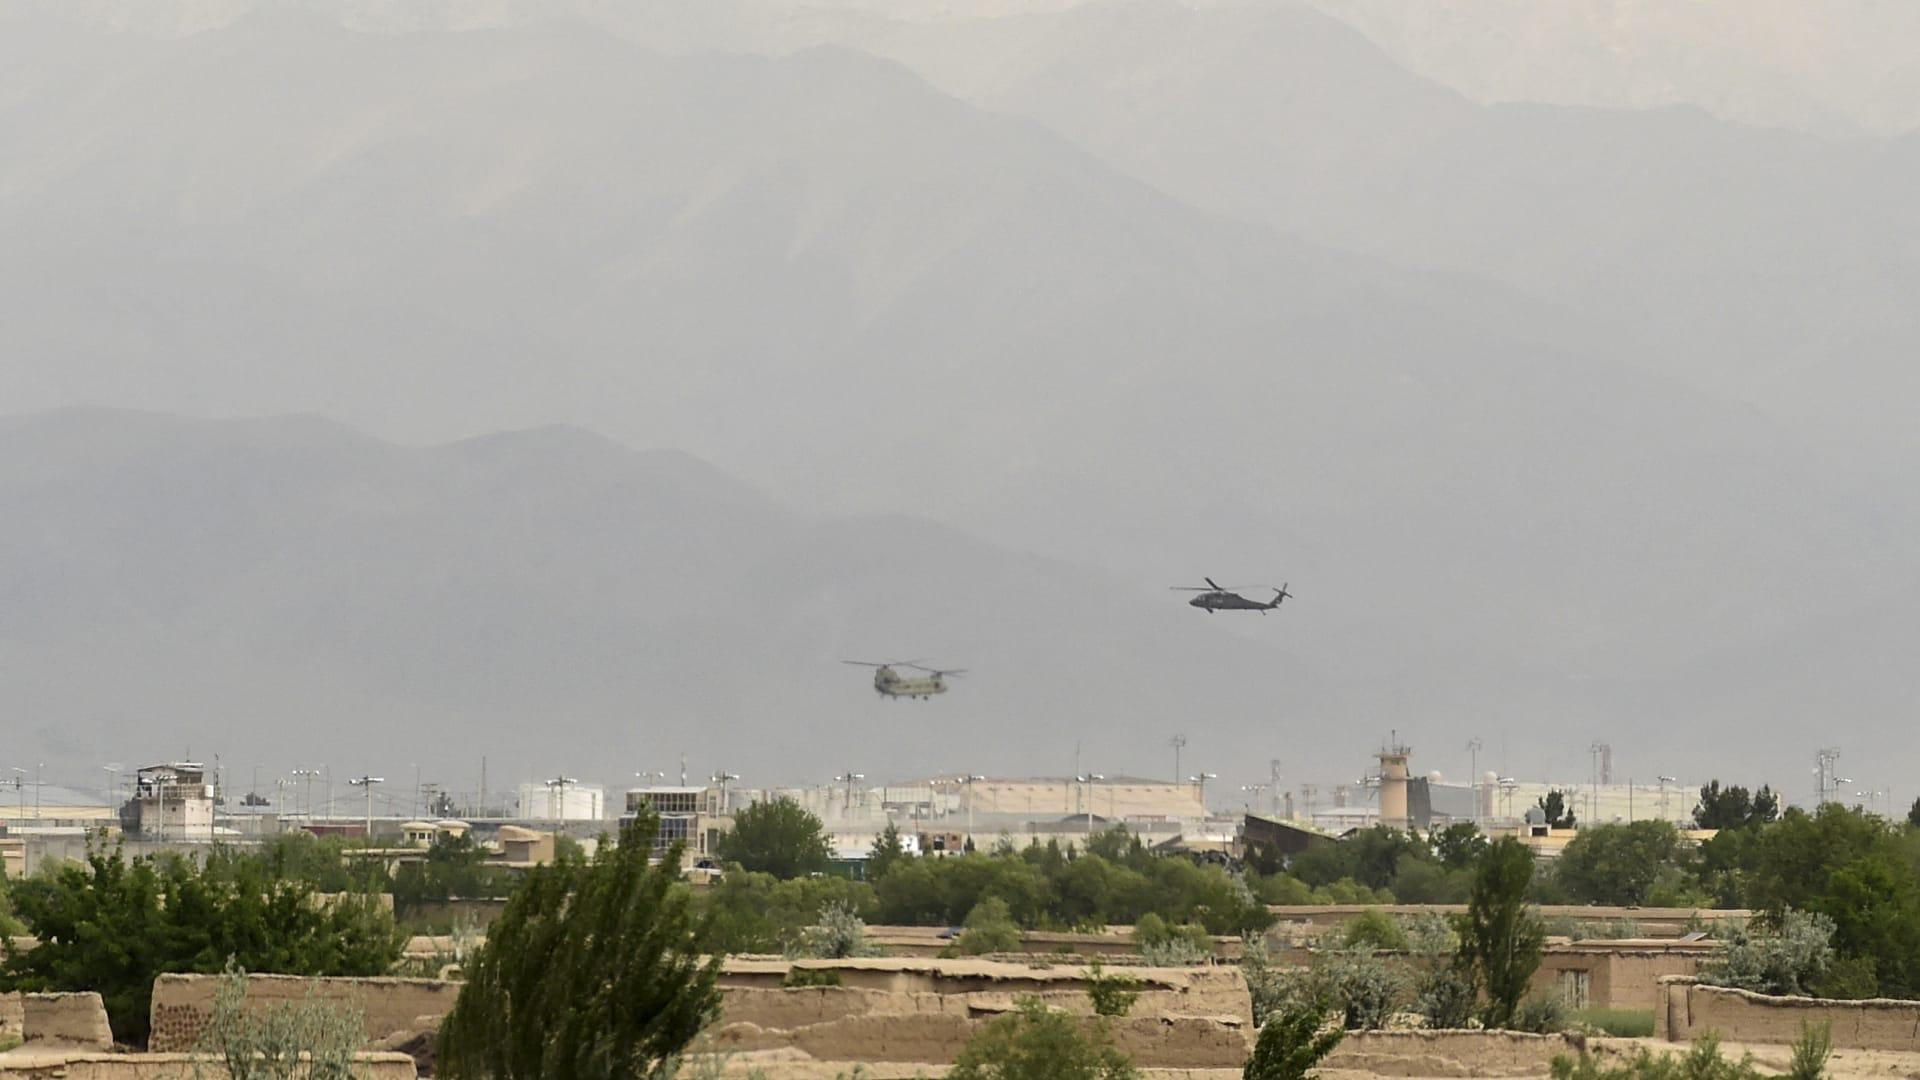 مروحيات أمريكية قبيل هبوطها في قاعدة باغرام في أفغانستان